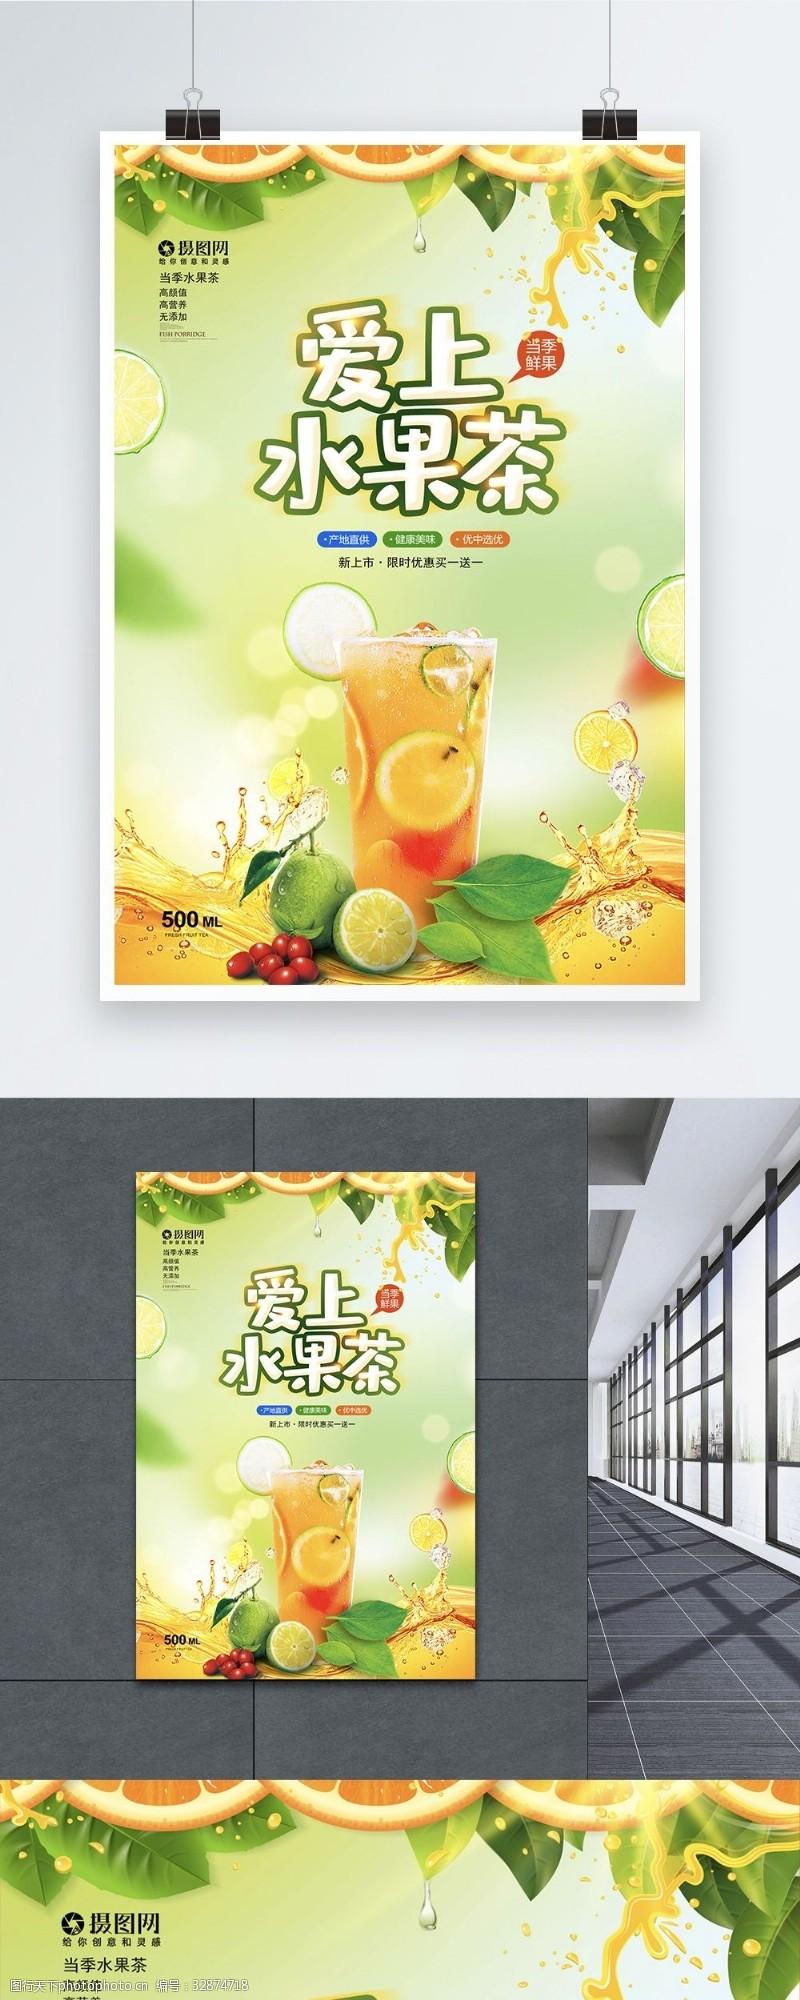 清新爱上水果茶广告海报